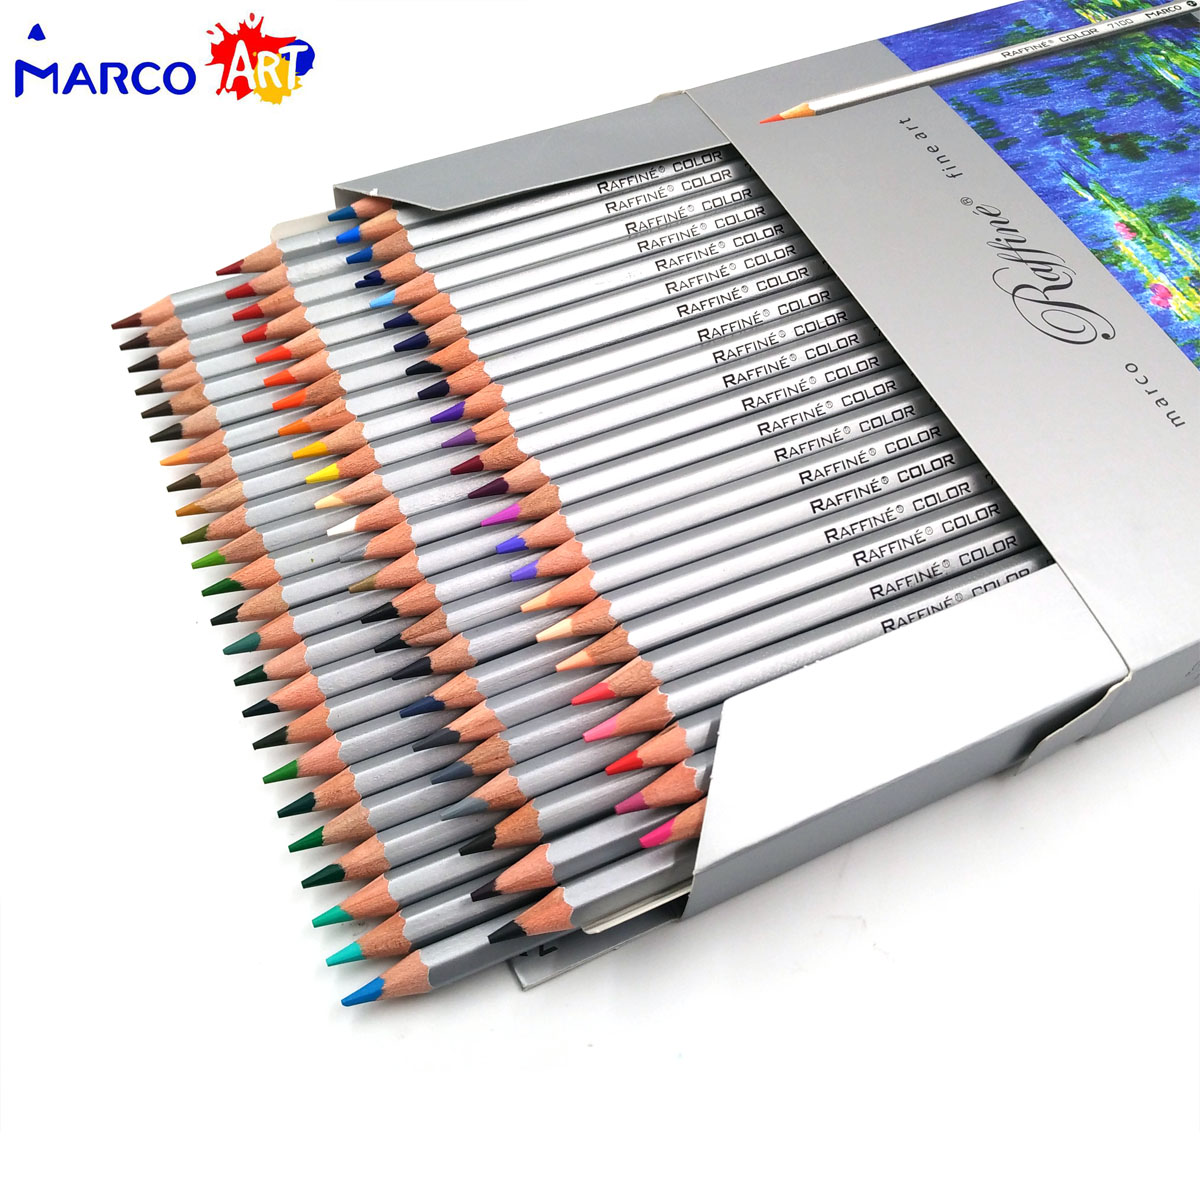 Lápis de cor Marco Raffine 72 Cores Desenho Esboços lapis de cor profissional Jardim Secreto Para Colorir Lápis Material Escolar